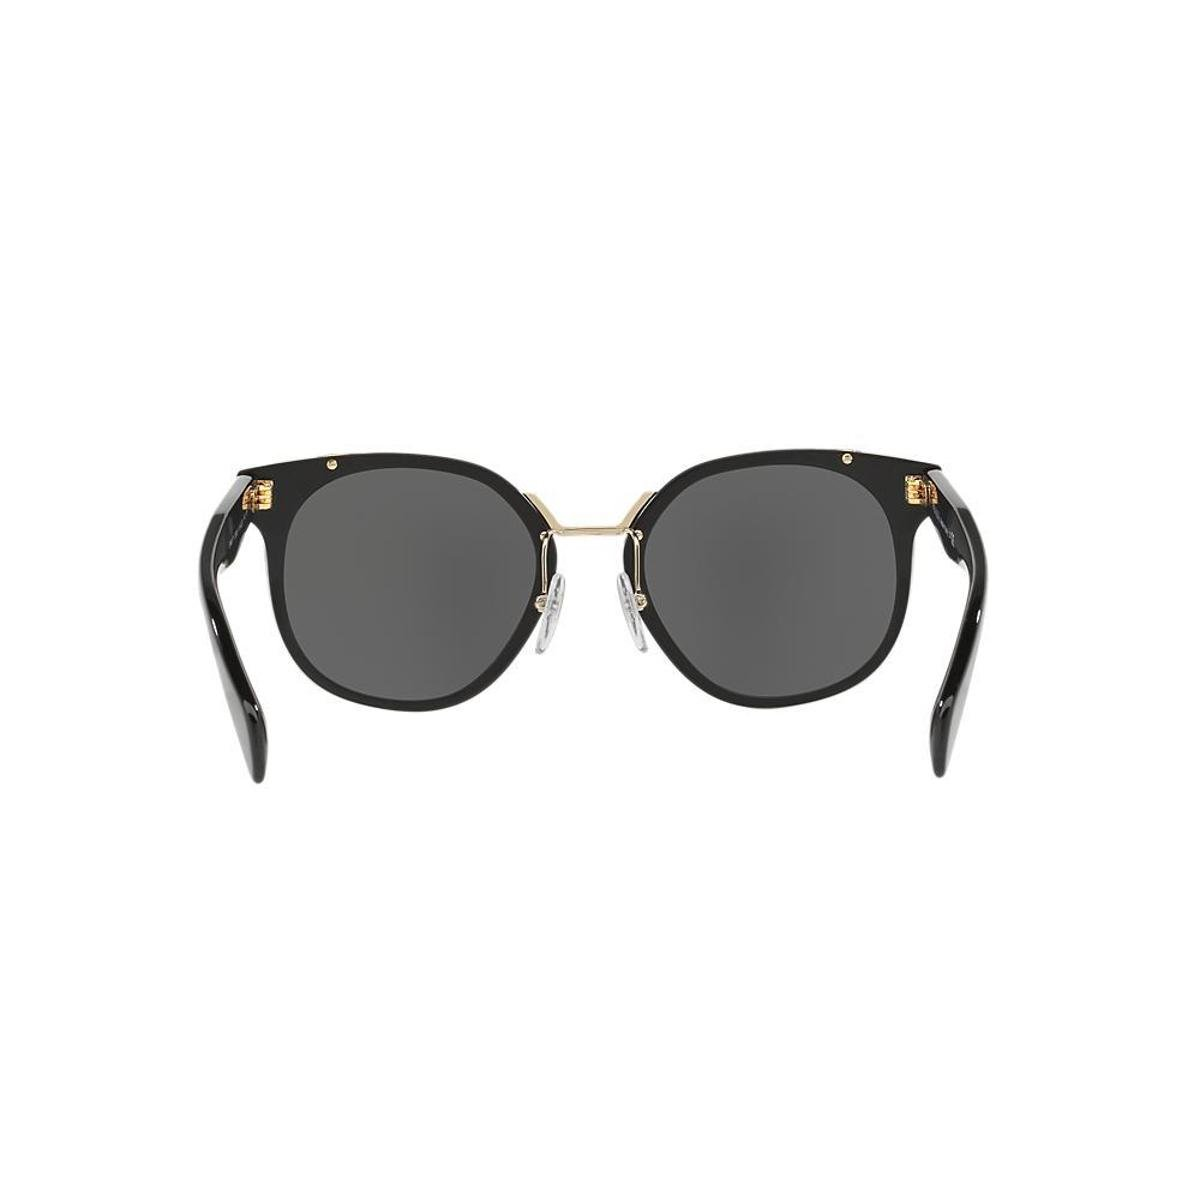 f647c33309027 ... Brasil  421e8edbaf8 Óculos de Sol Prada Quadrado PR 17TS Feminino -  Preto - Compre Agora .